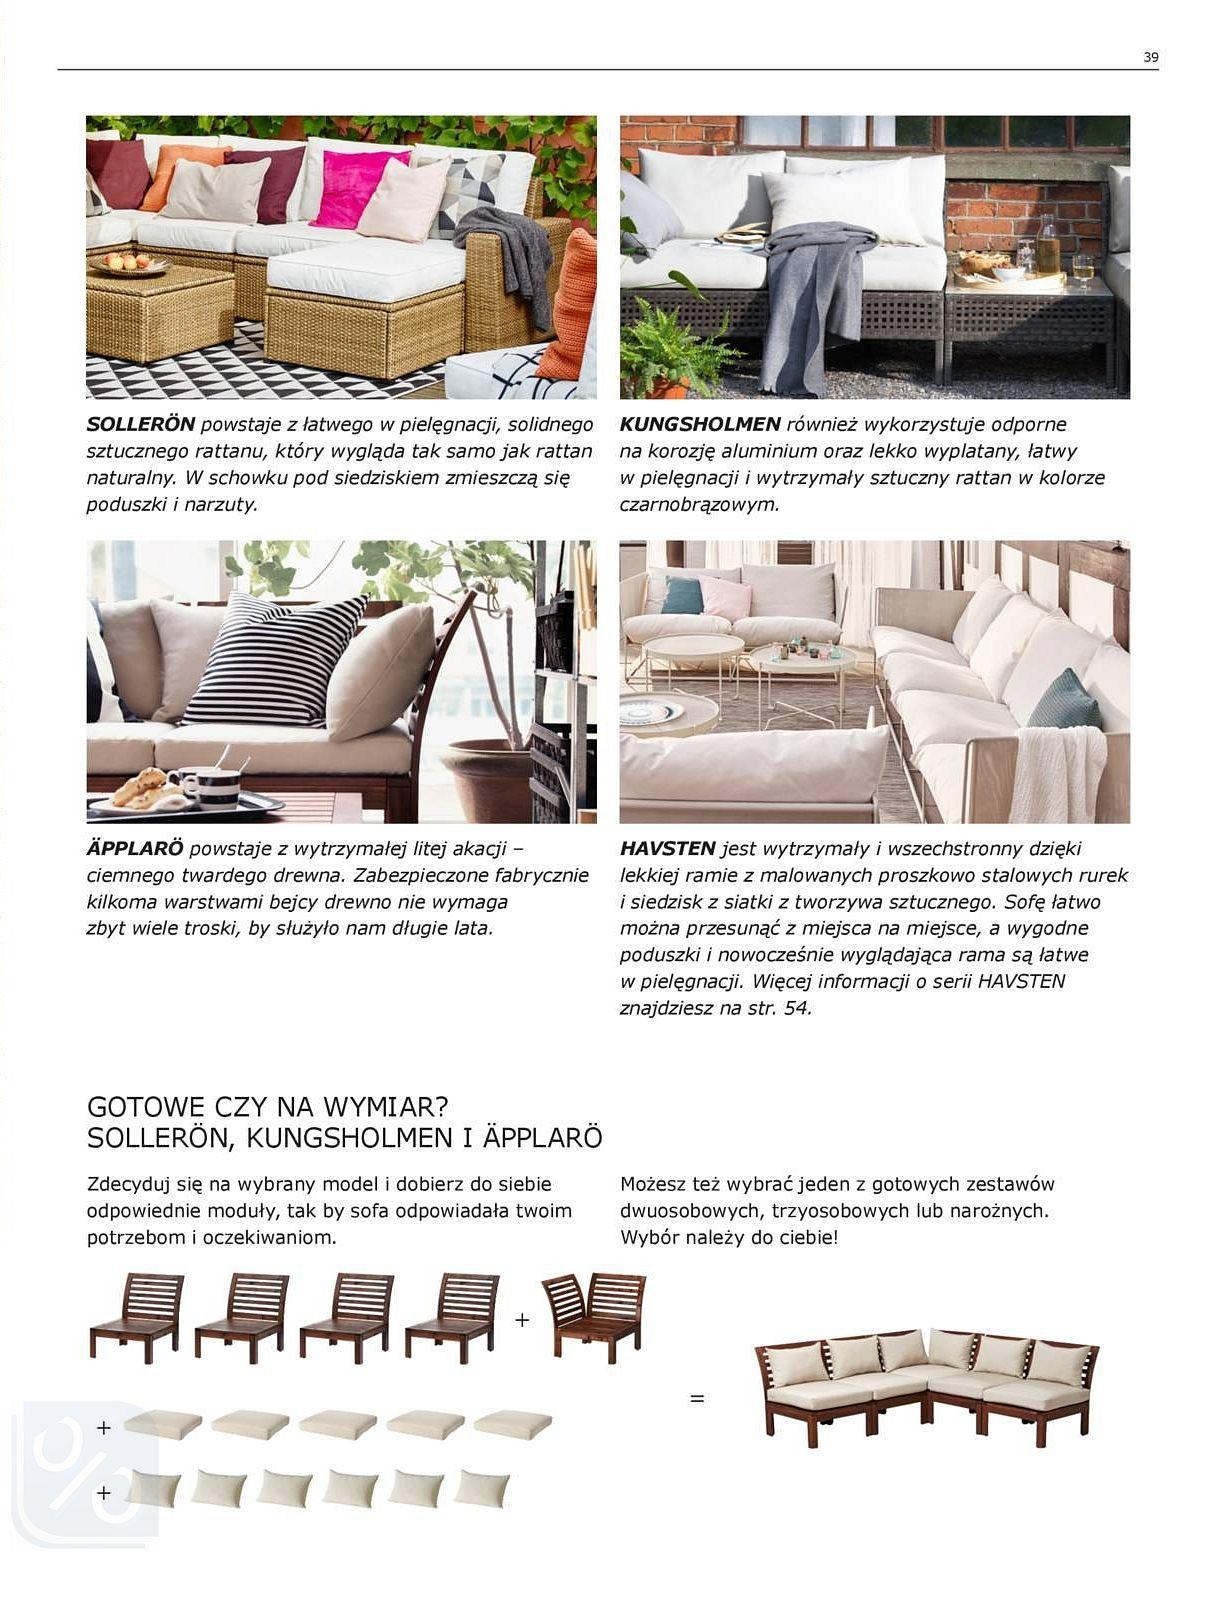 Gazetka promocyjna IKEA do 31/07/2018 str.39